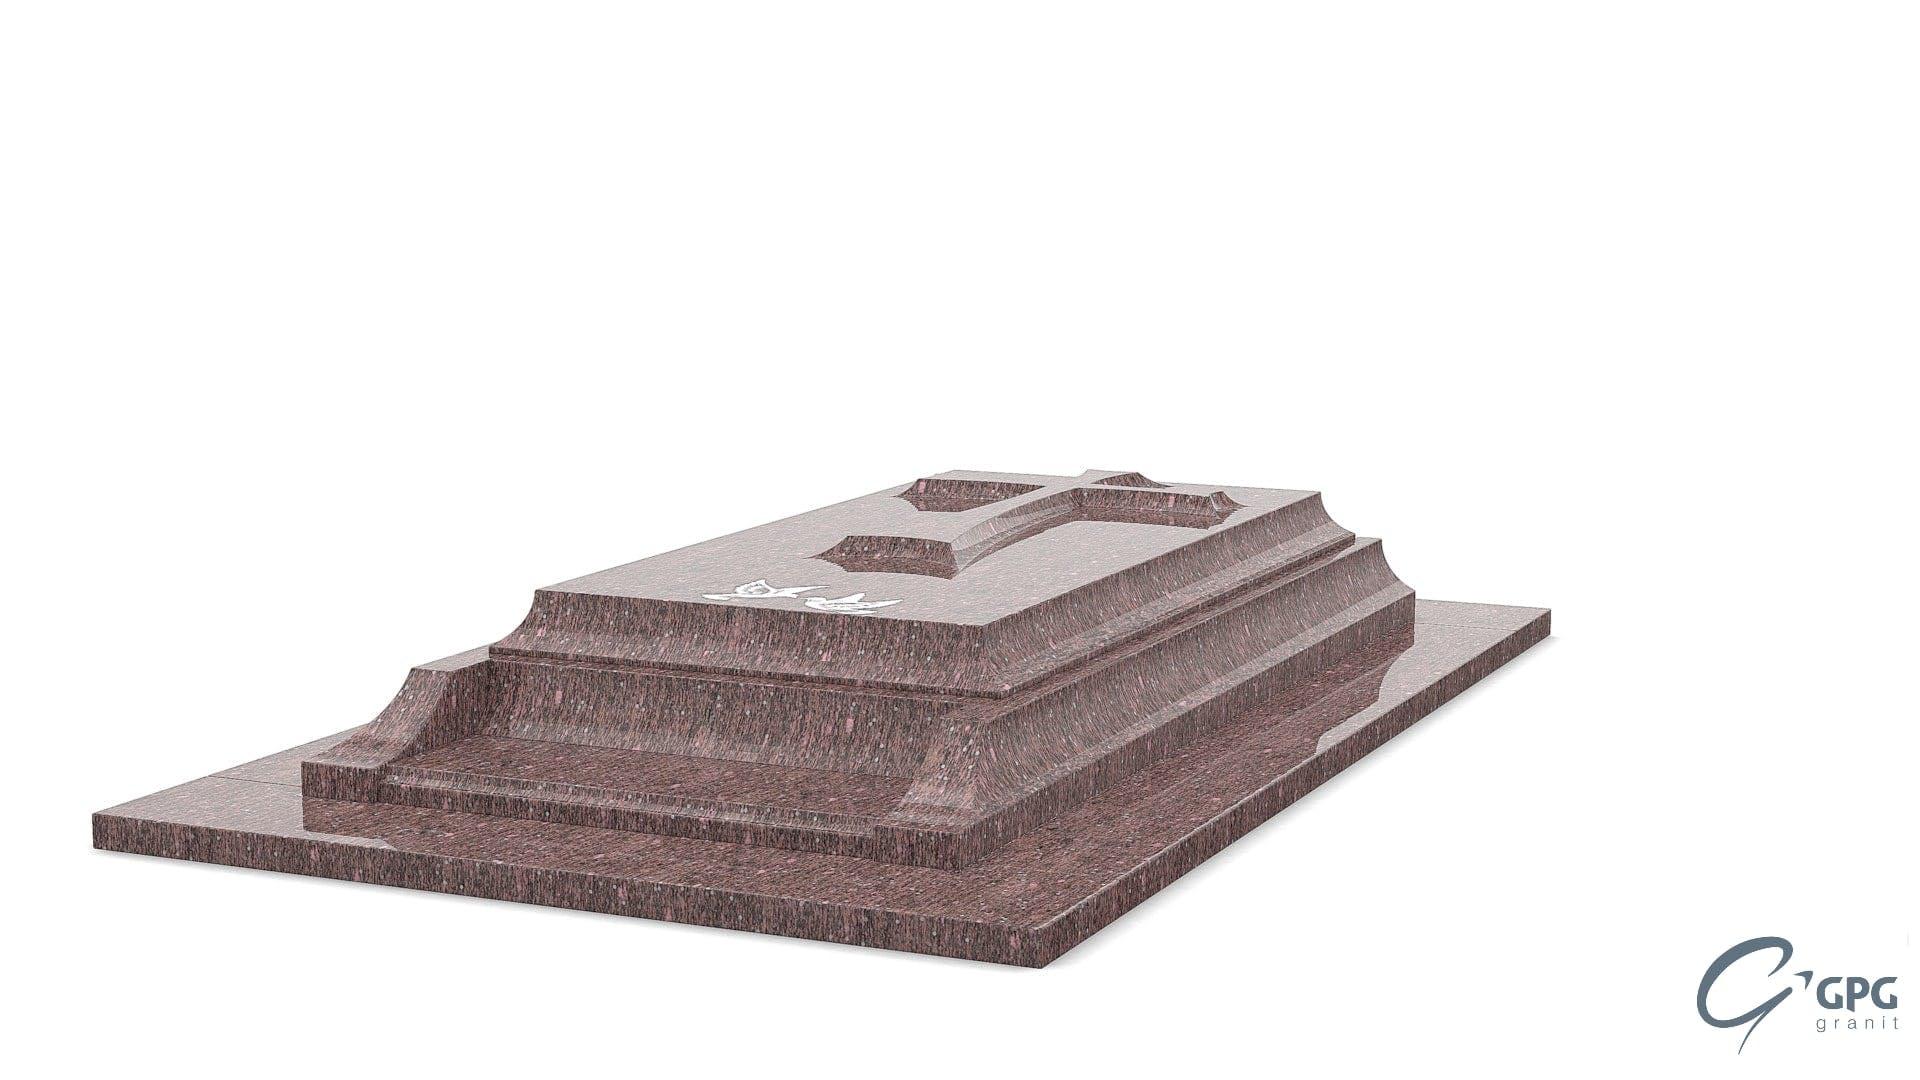 monument sans stèle en granit